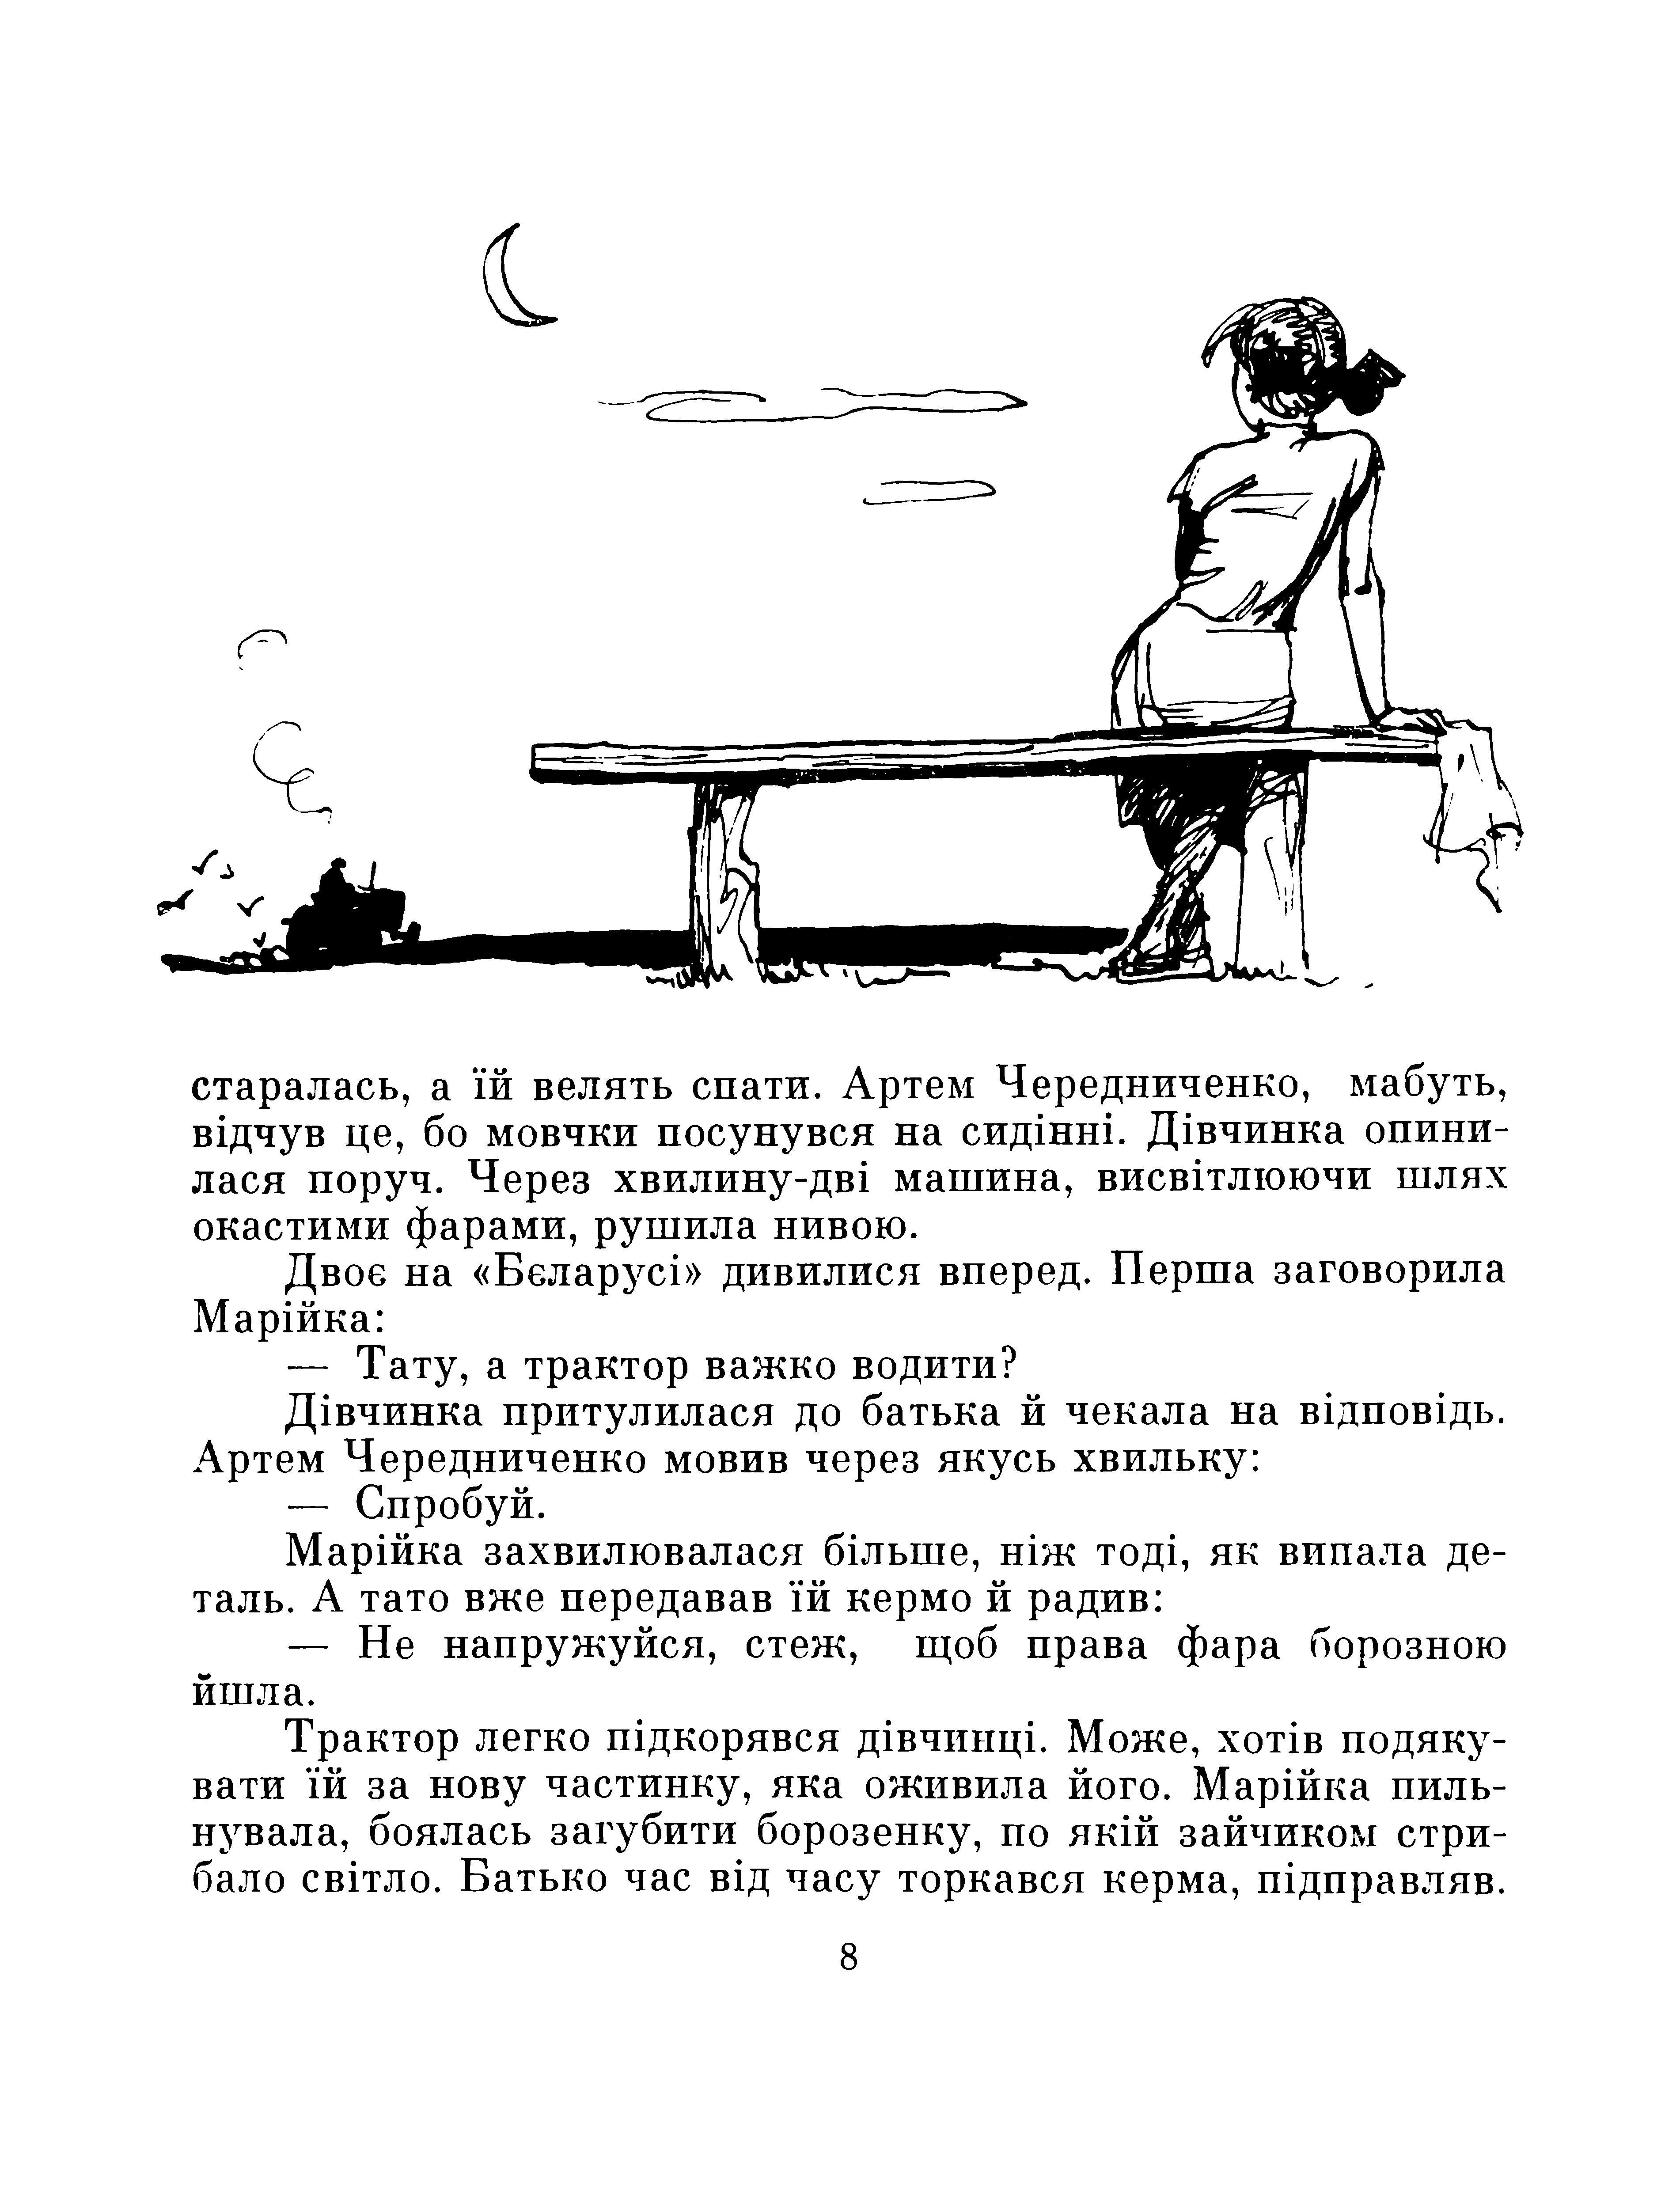 Марійчина загiнка - Микола Романiка 3.jpg